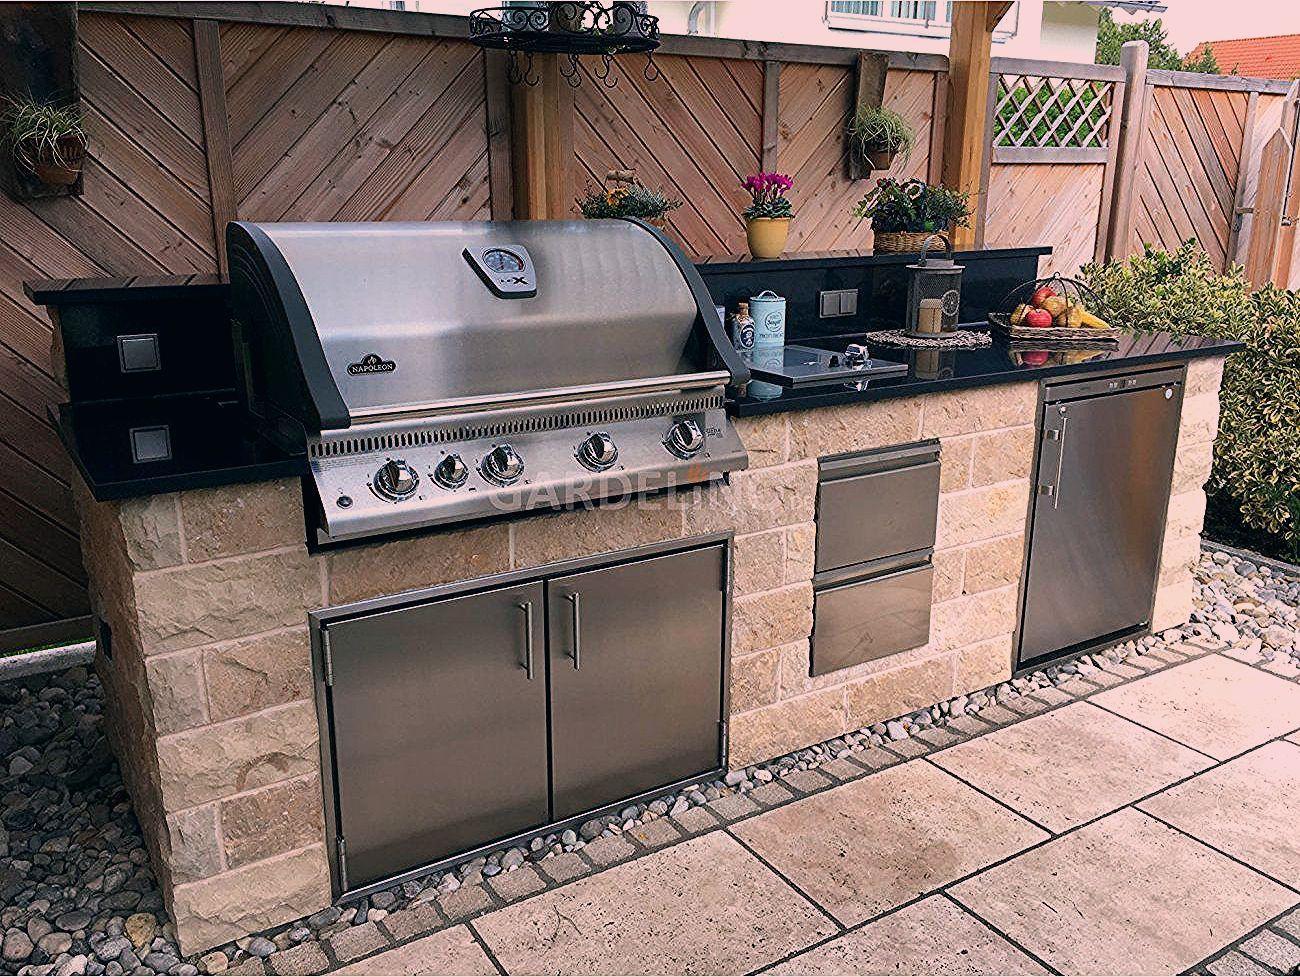 Inspiration Selbstgebaute Uberdachte Moderne Aussenkuche Aus Stein Mit Napoleon Einbaugrill Im Garten Inspirati In 2020 Kitchen Decor Outdoor Decor Studio Kitchen